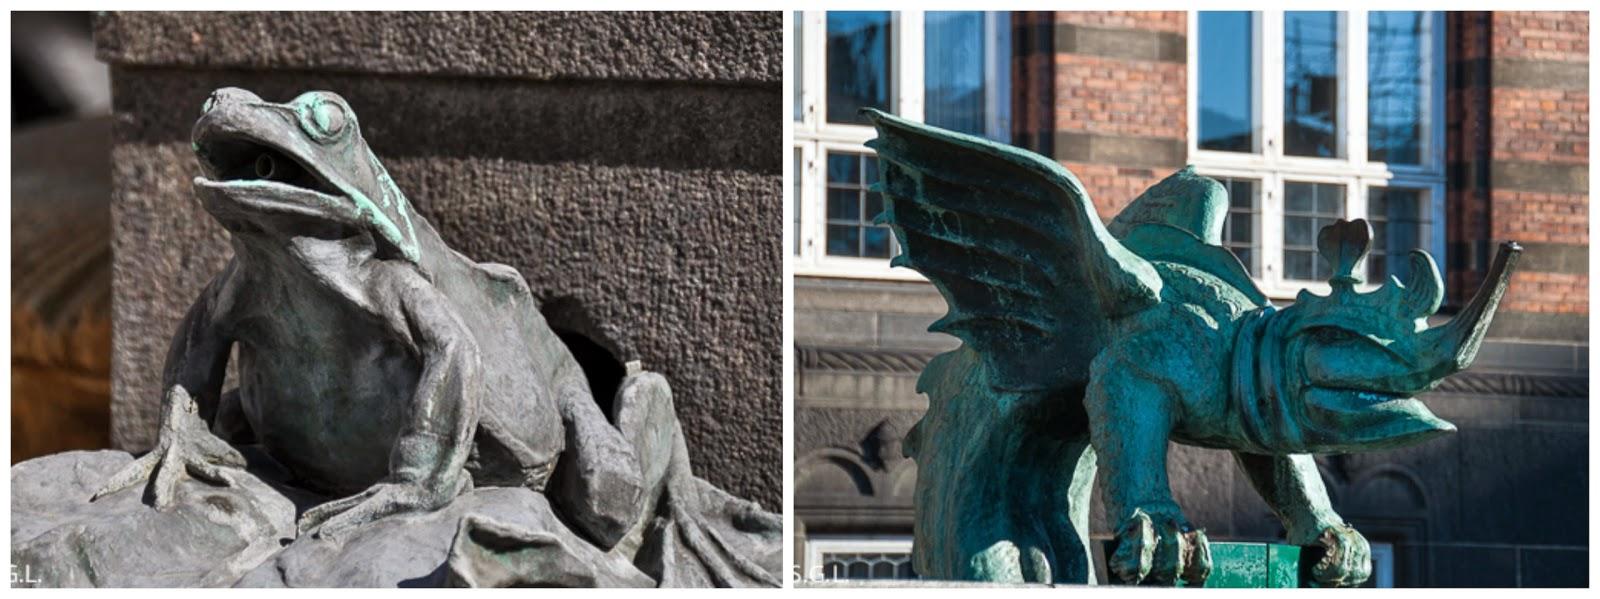 Detalle de las Figuras del ayuntamiento de Copenhague